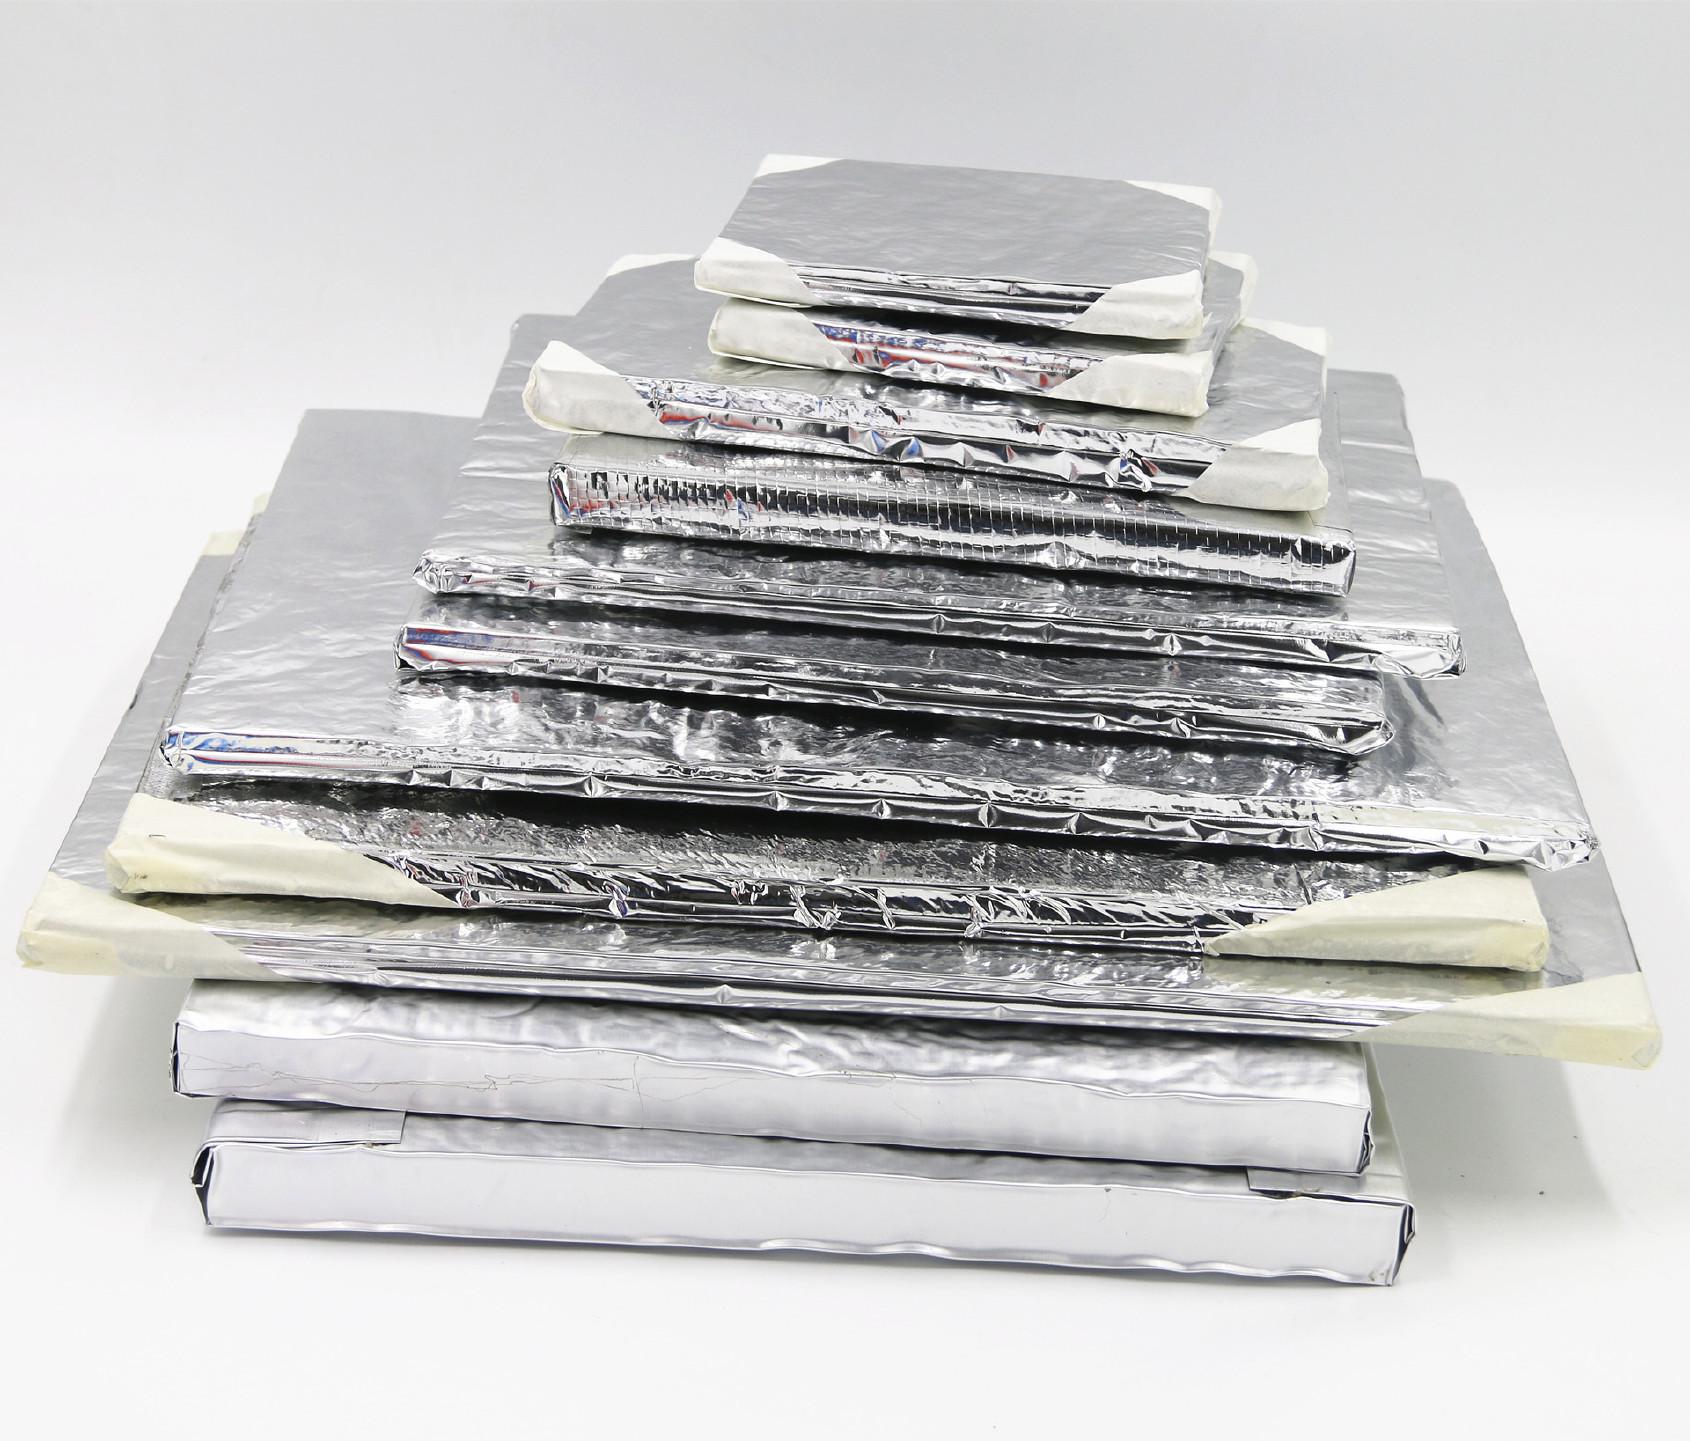 吉思生产直销真空绝热板 保温箱VIP隔热板  保温板